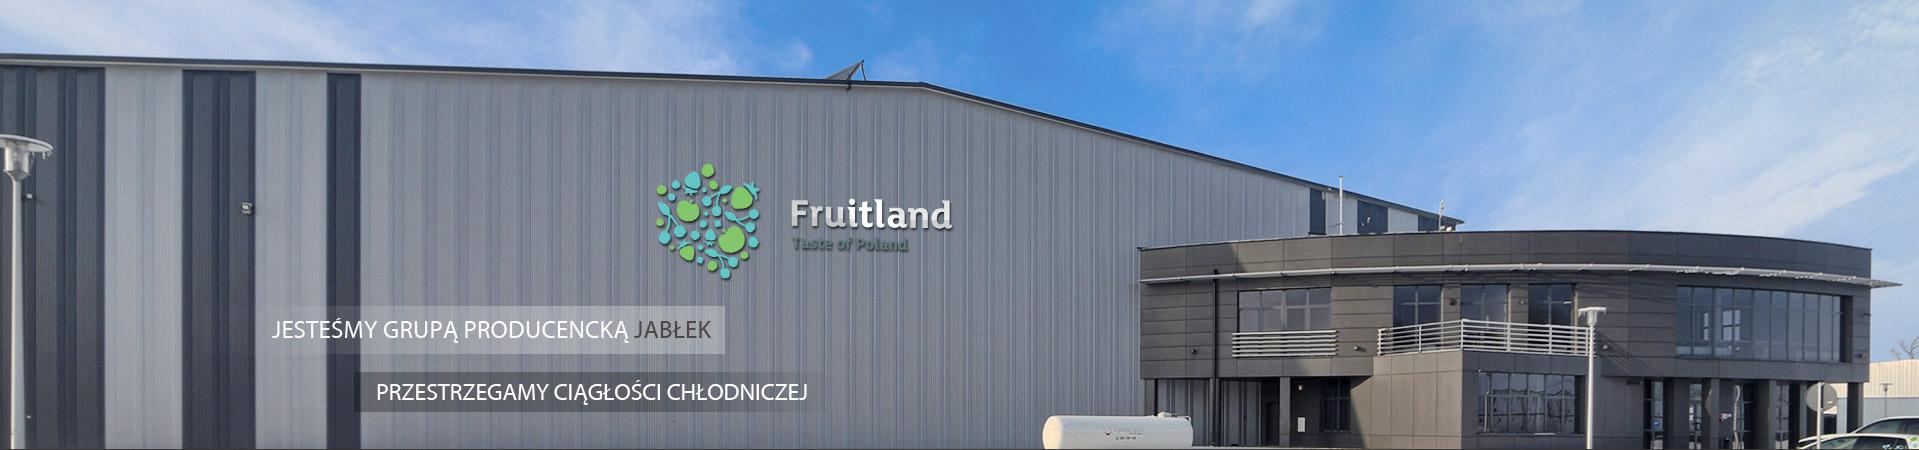 slide-fruitland1